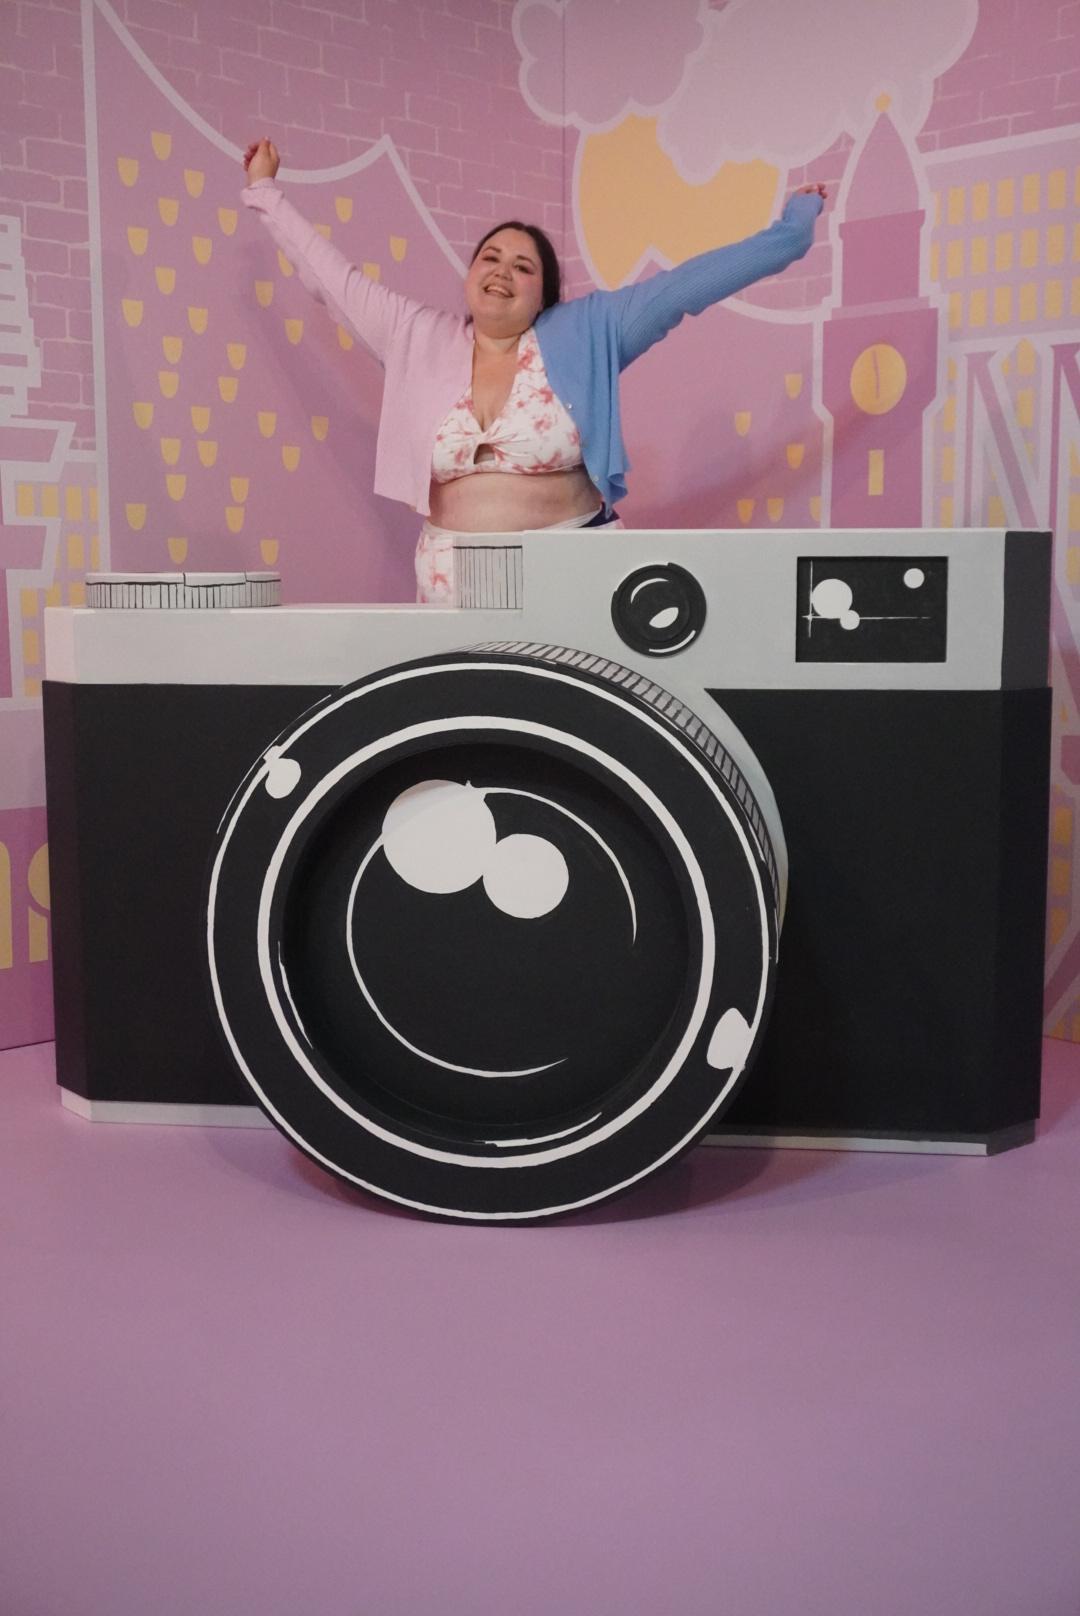 auf dem Bild im Museum of Popcorn in Hamburg Hafencity sieht man eine Frau in pastellfarbener Kleidung, die hinter eine übergroßen Kamera steht und ihre Arme ausstreckt und fröhlich lächelt. Sie trägt einen Sport BH in rosa und weiß von Fabletics in Batikoptik und man kann eine Ecke ihrer Hose in derselben Optik erkennen, der Rest ist von der übergroßen Kamera verdeckt. Im Hintergrund sieht man Wahrzeichen der Stadt Hamburg wie die Elbphilamonie in rosa, weiß und gelb.